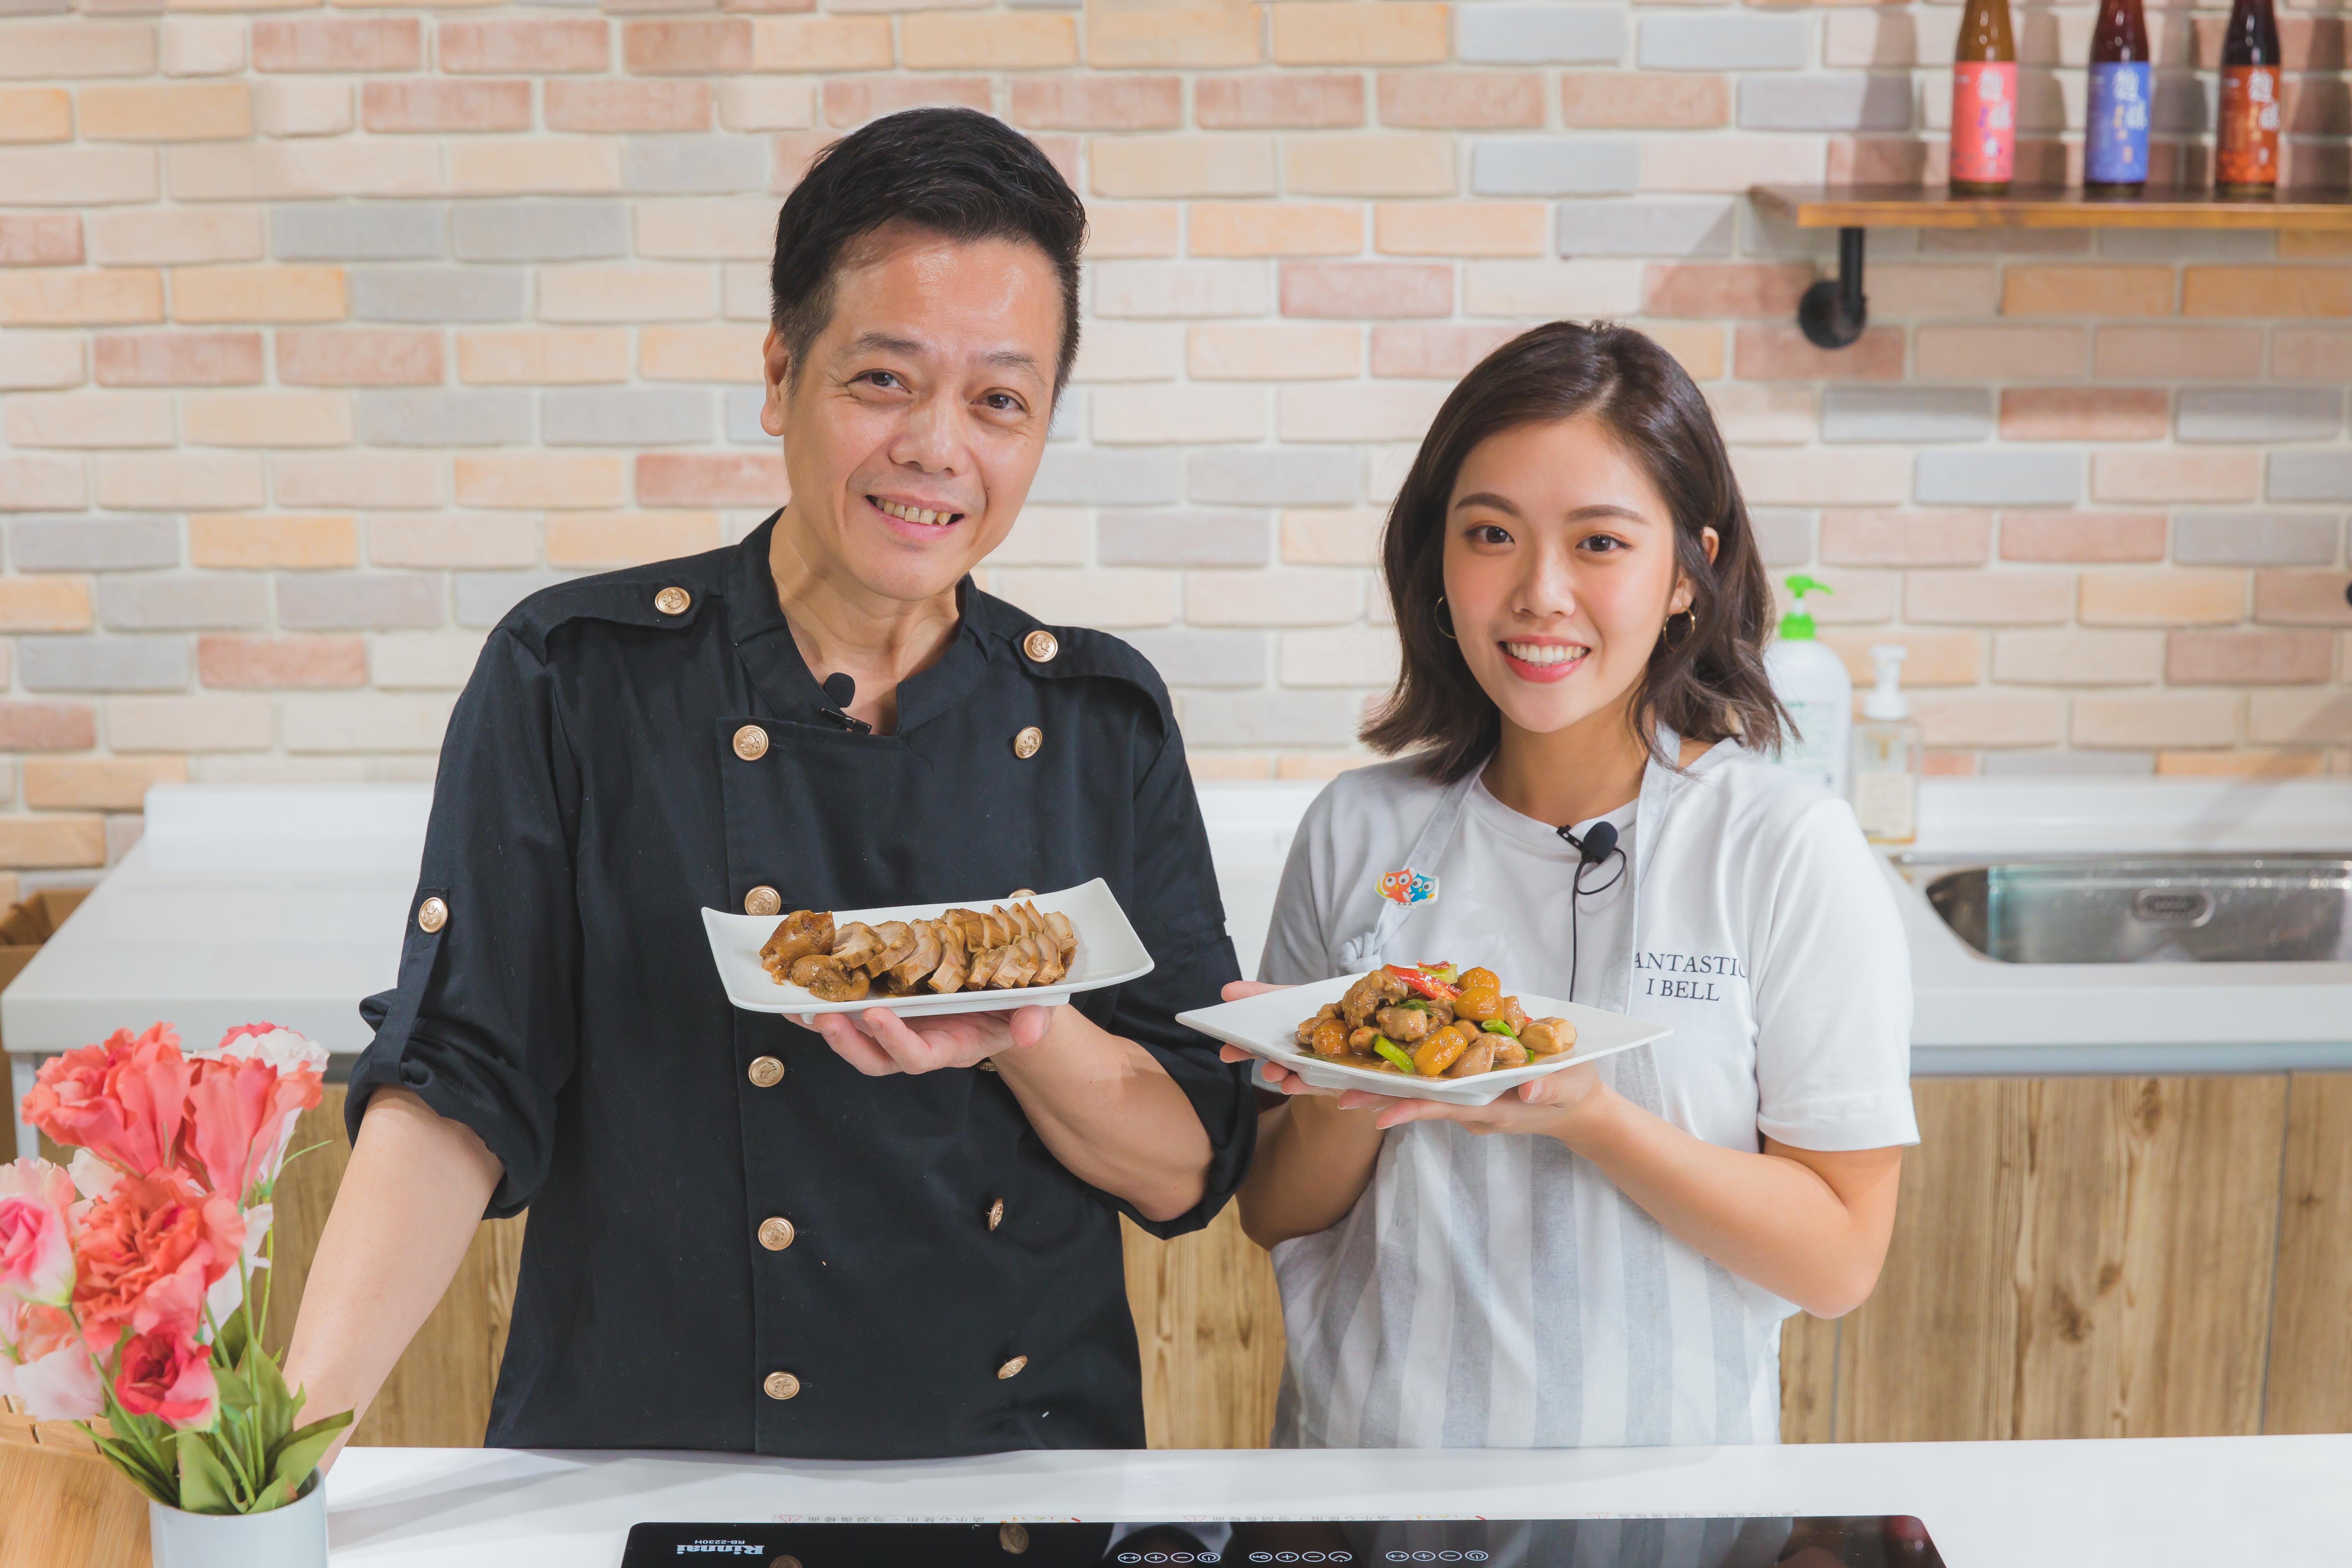 奧丁丁市集與創意主廚吳志杰攜手合作,分享母親節孝親料理食譜